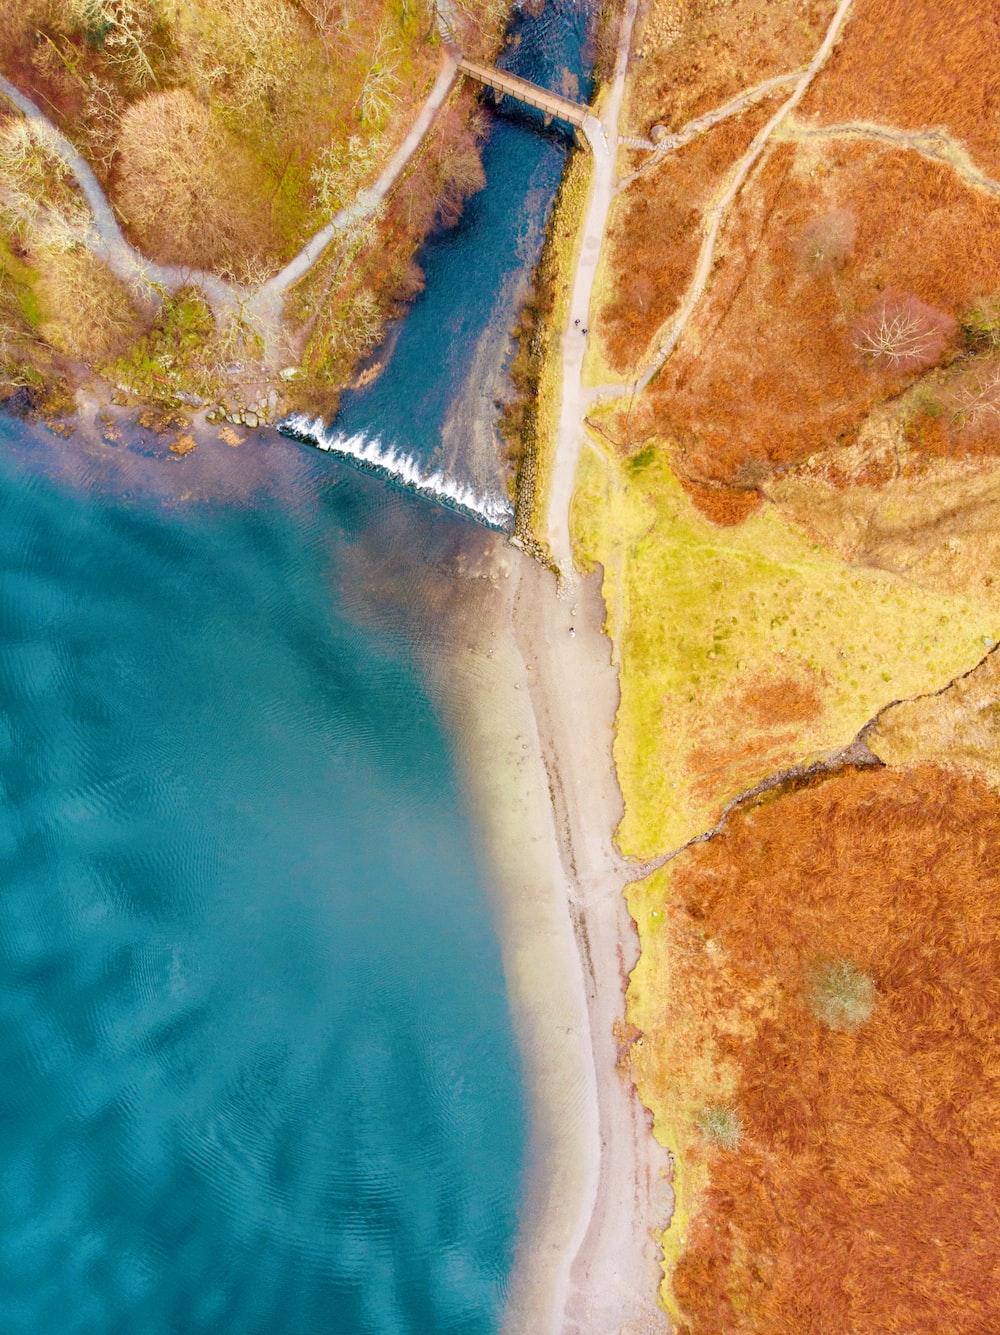 birds eye photography of waterfalls